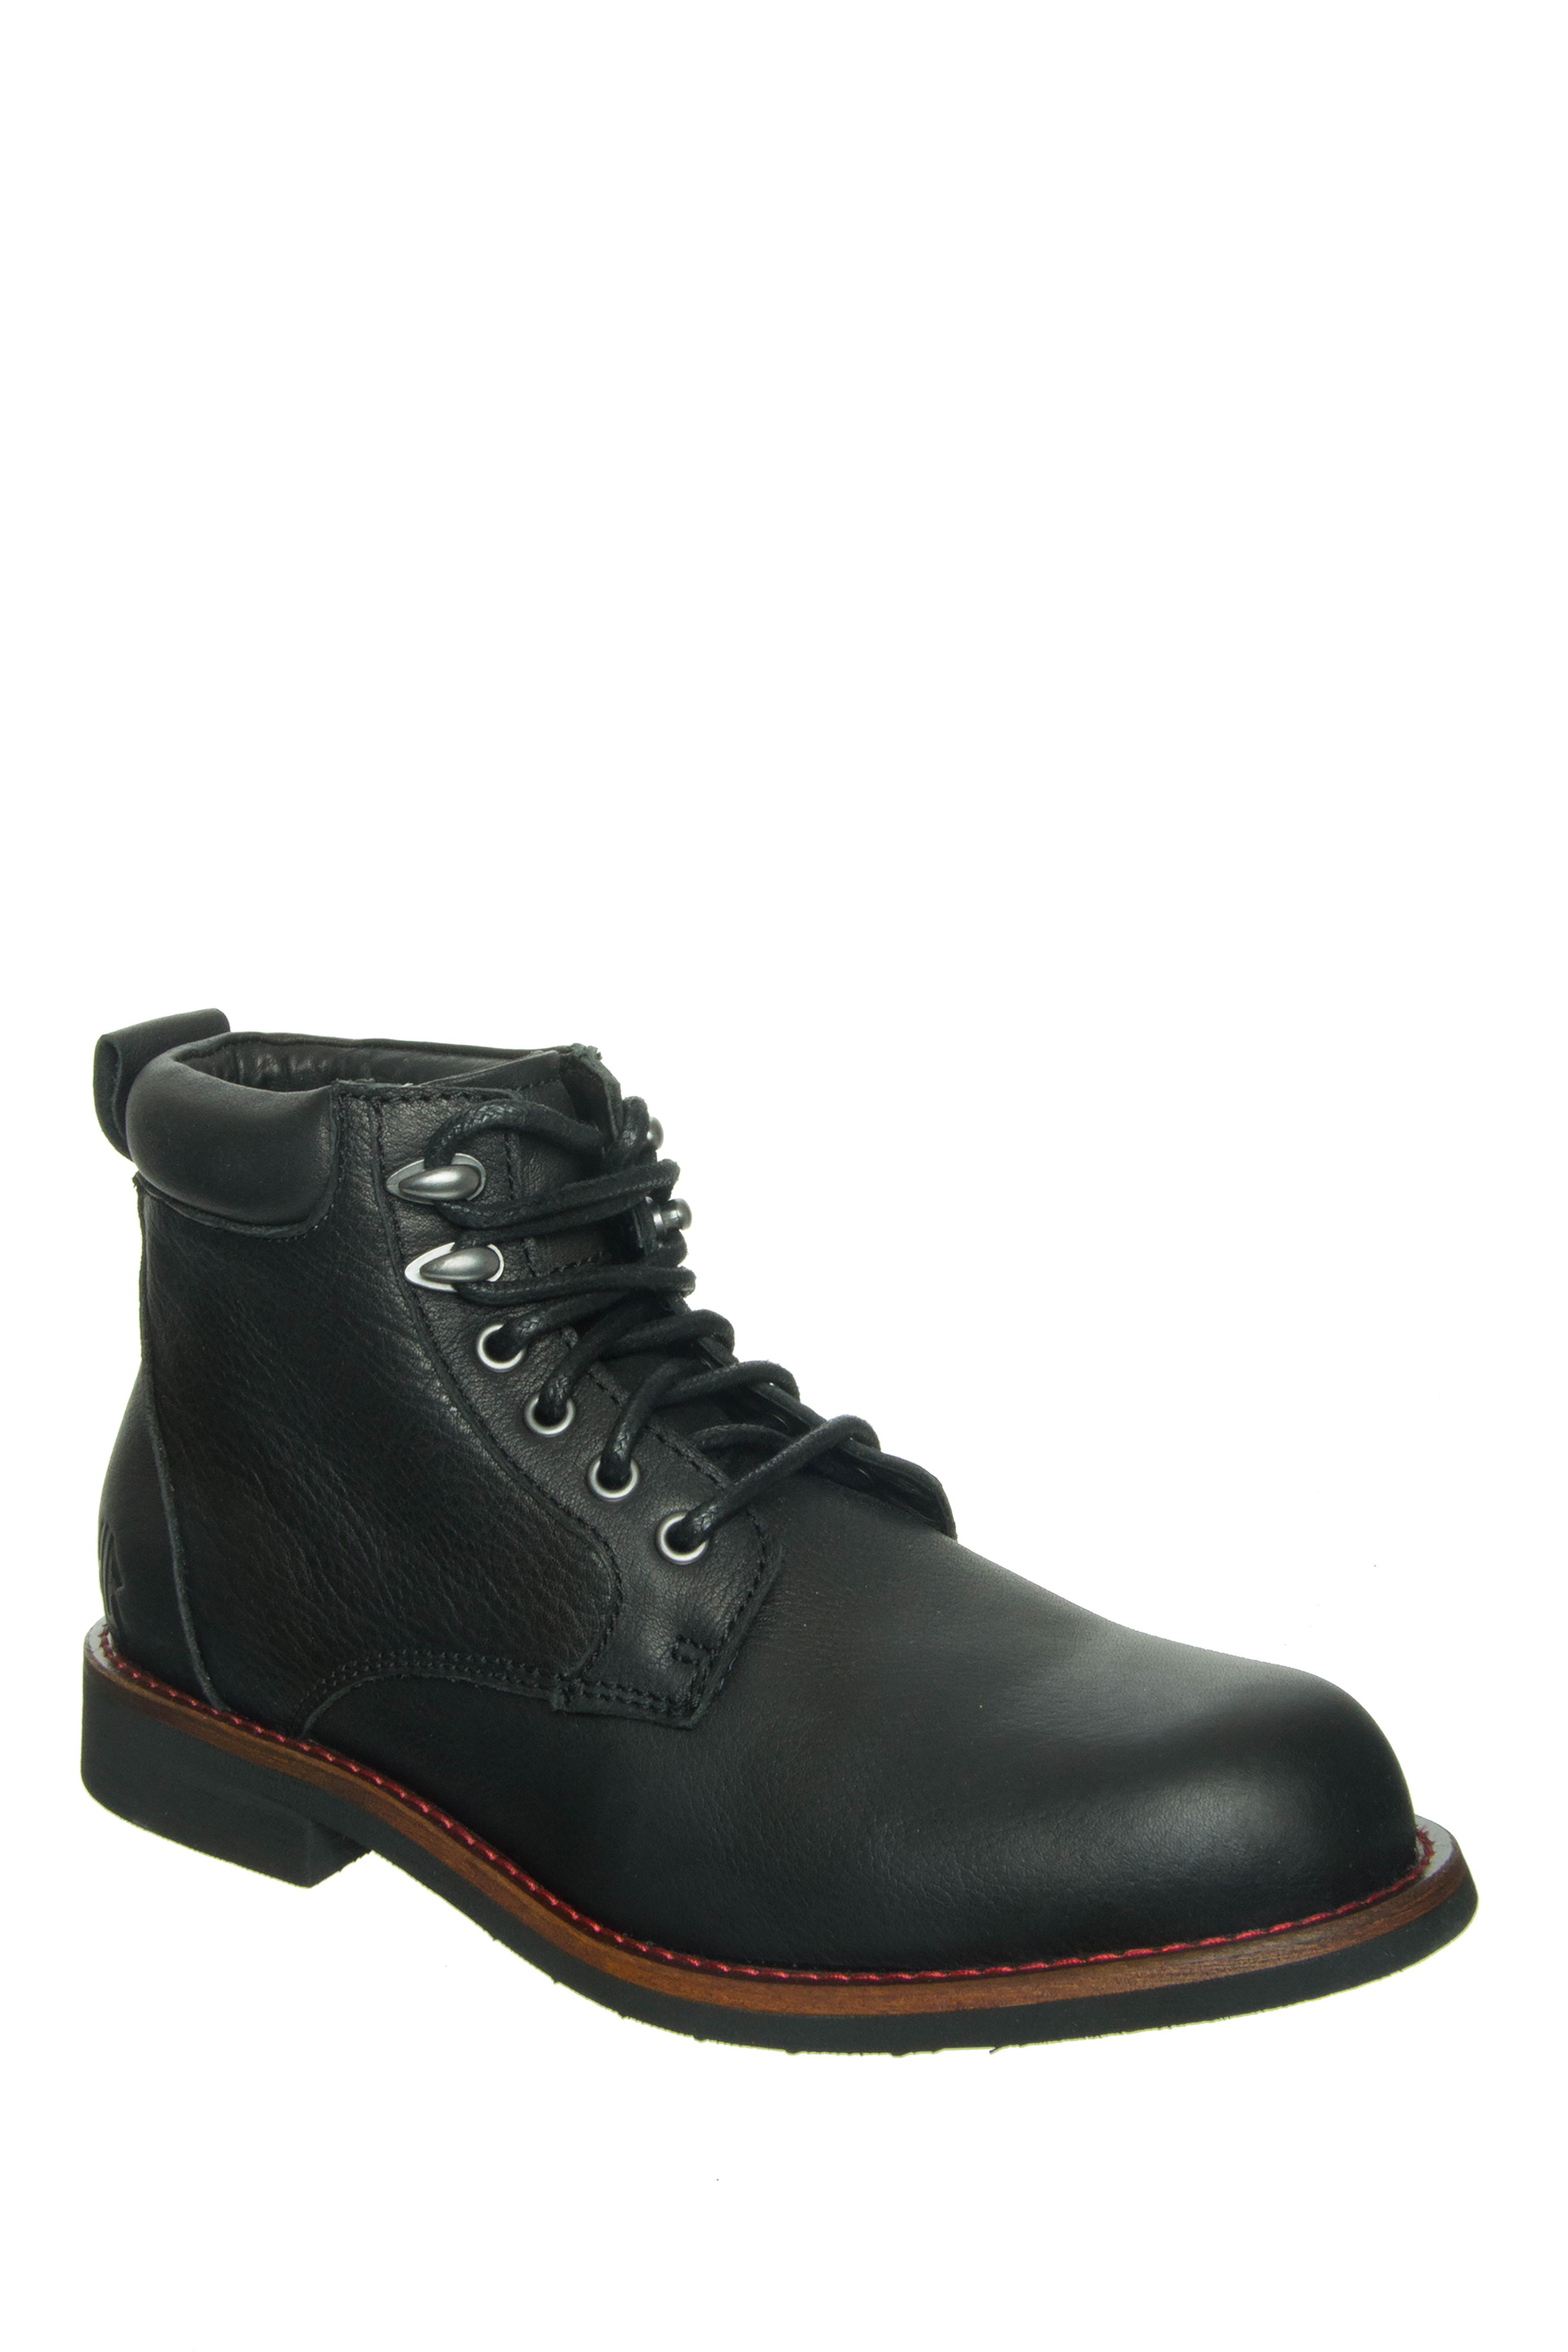 KLR Men's Drew Lace-Up Boots - Black